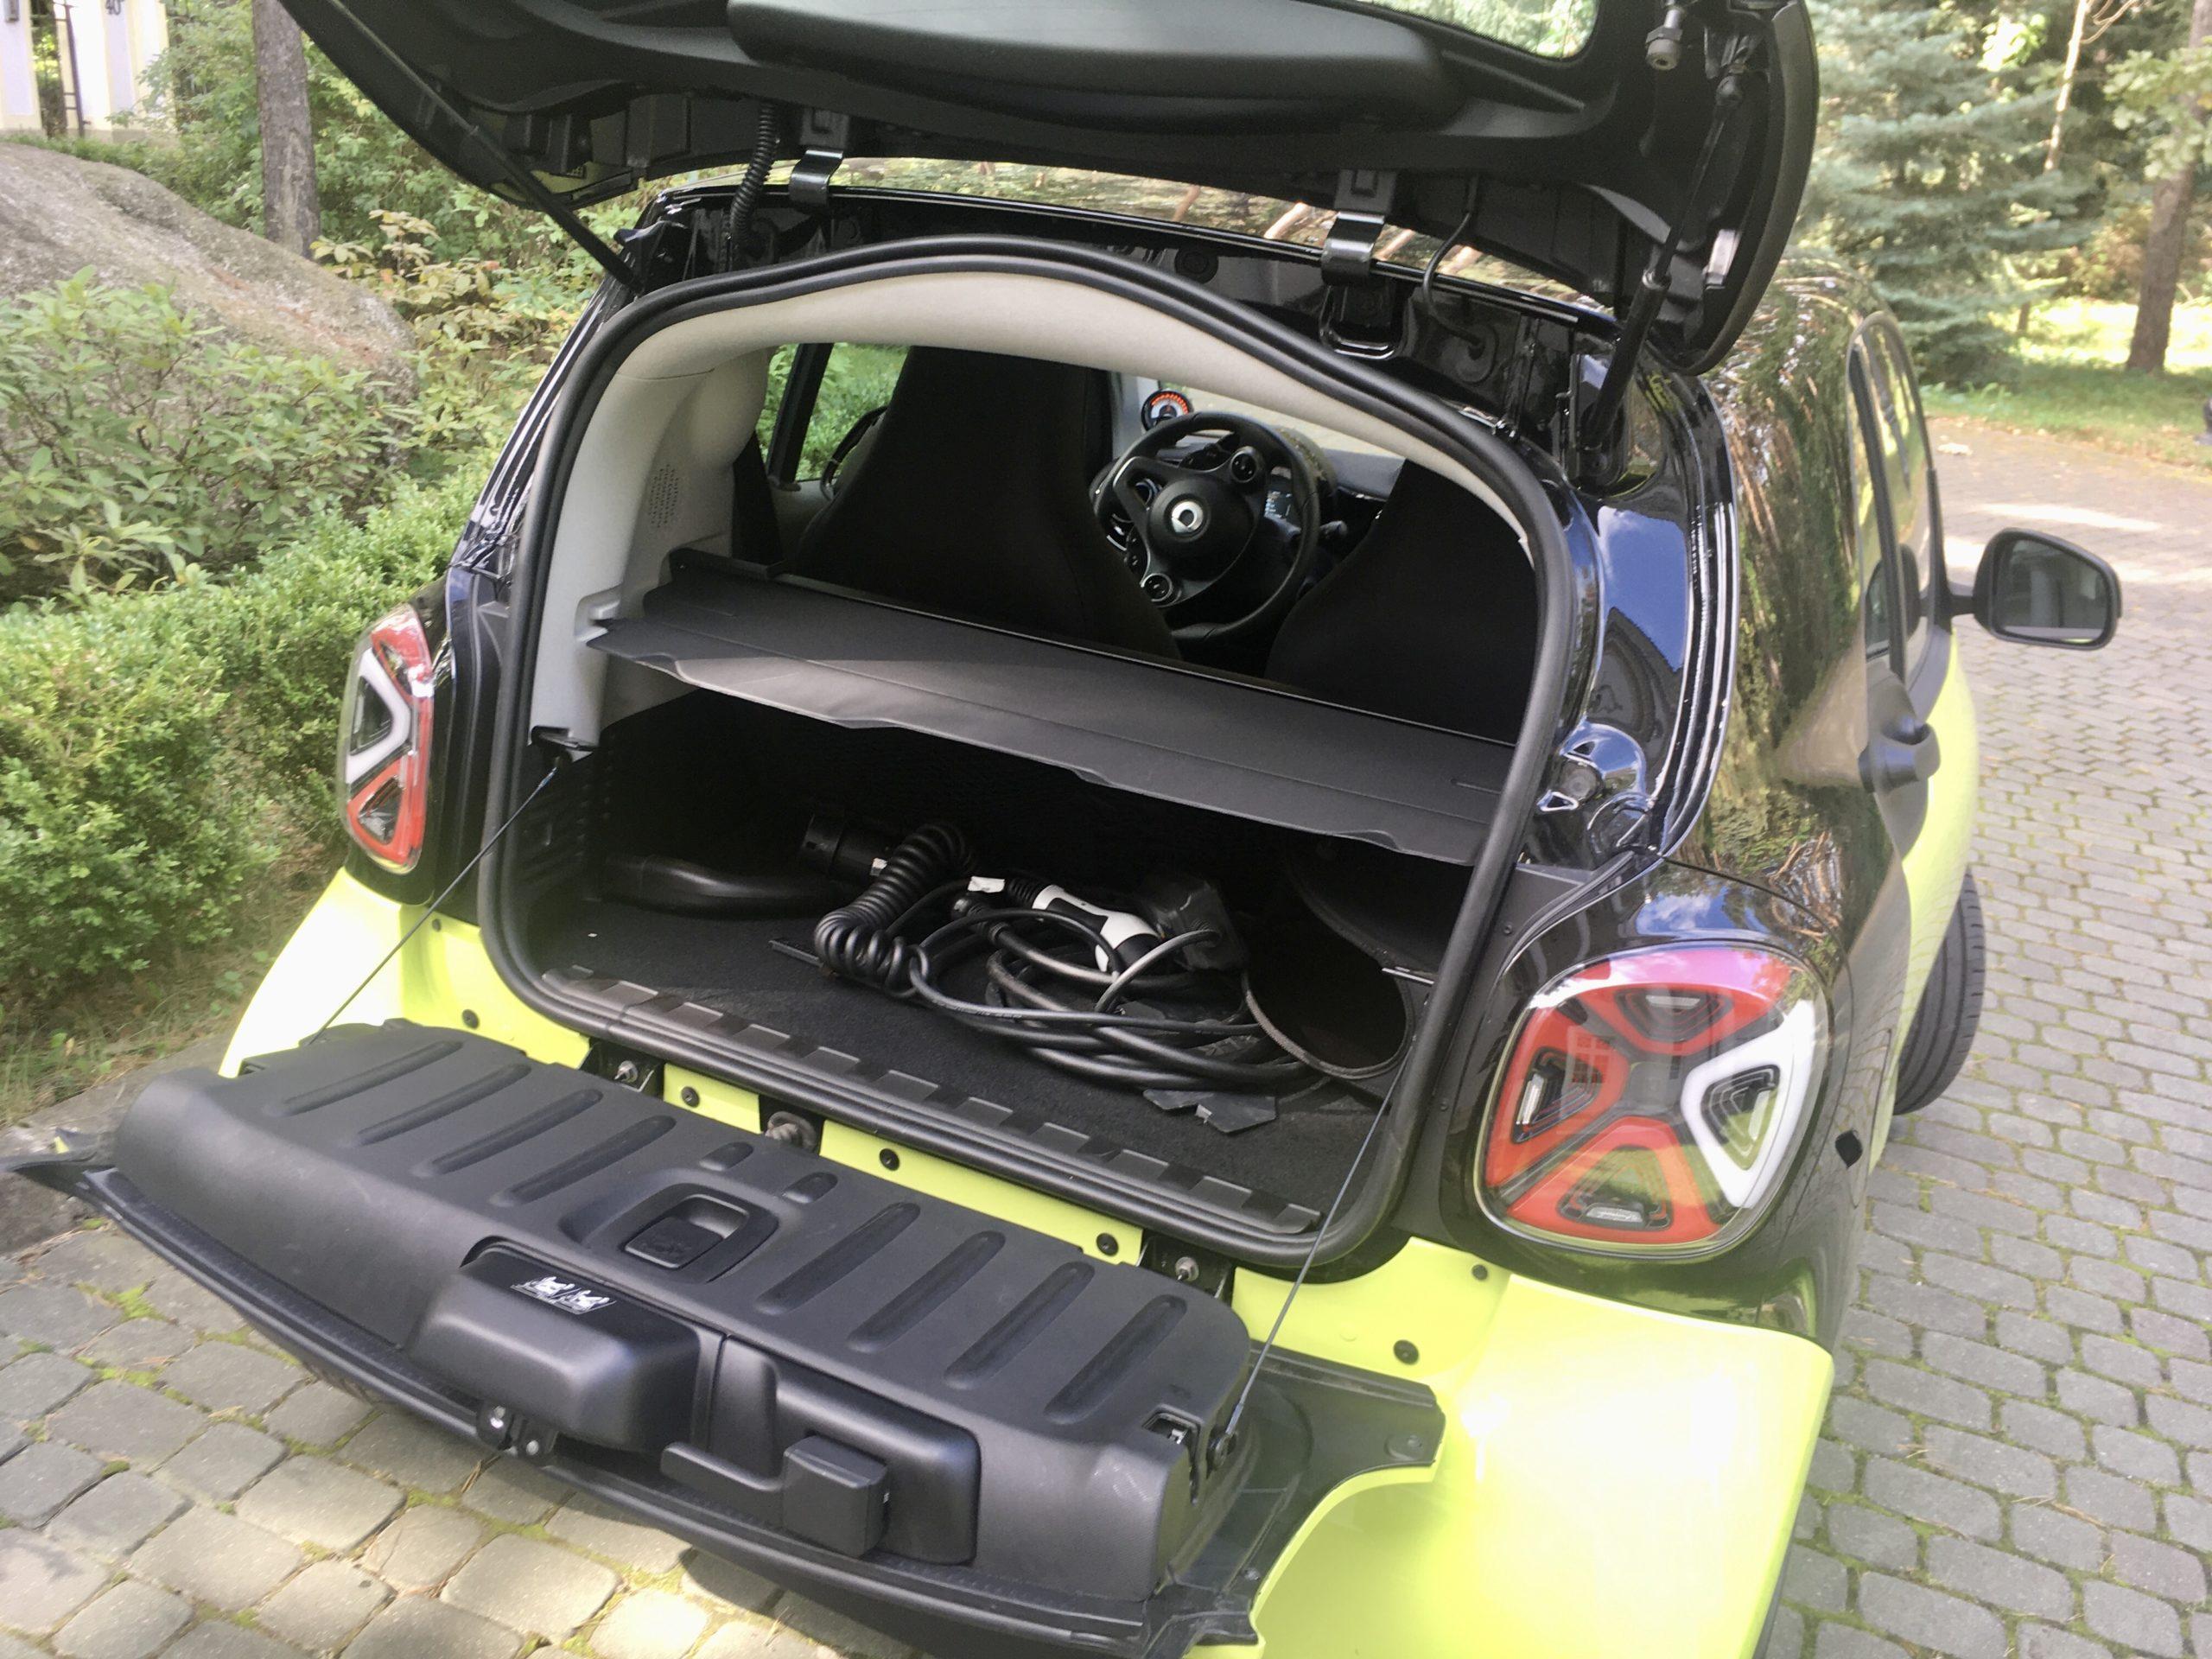 Bagażnik Smarta jest bardzo mały ale na klapie można usiąść (wytrzyma 100 kg)